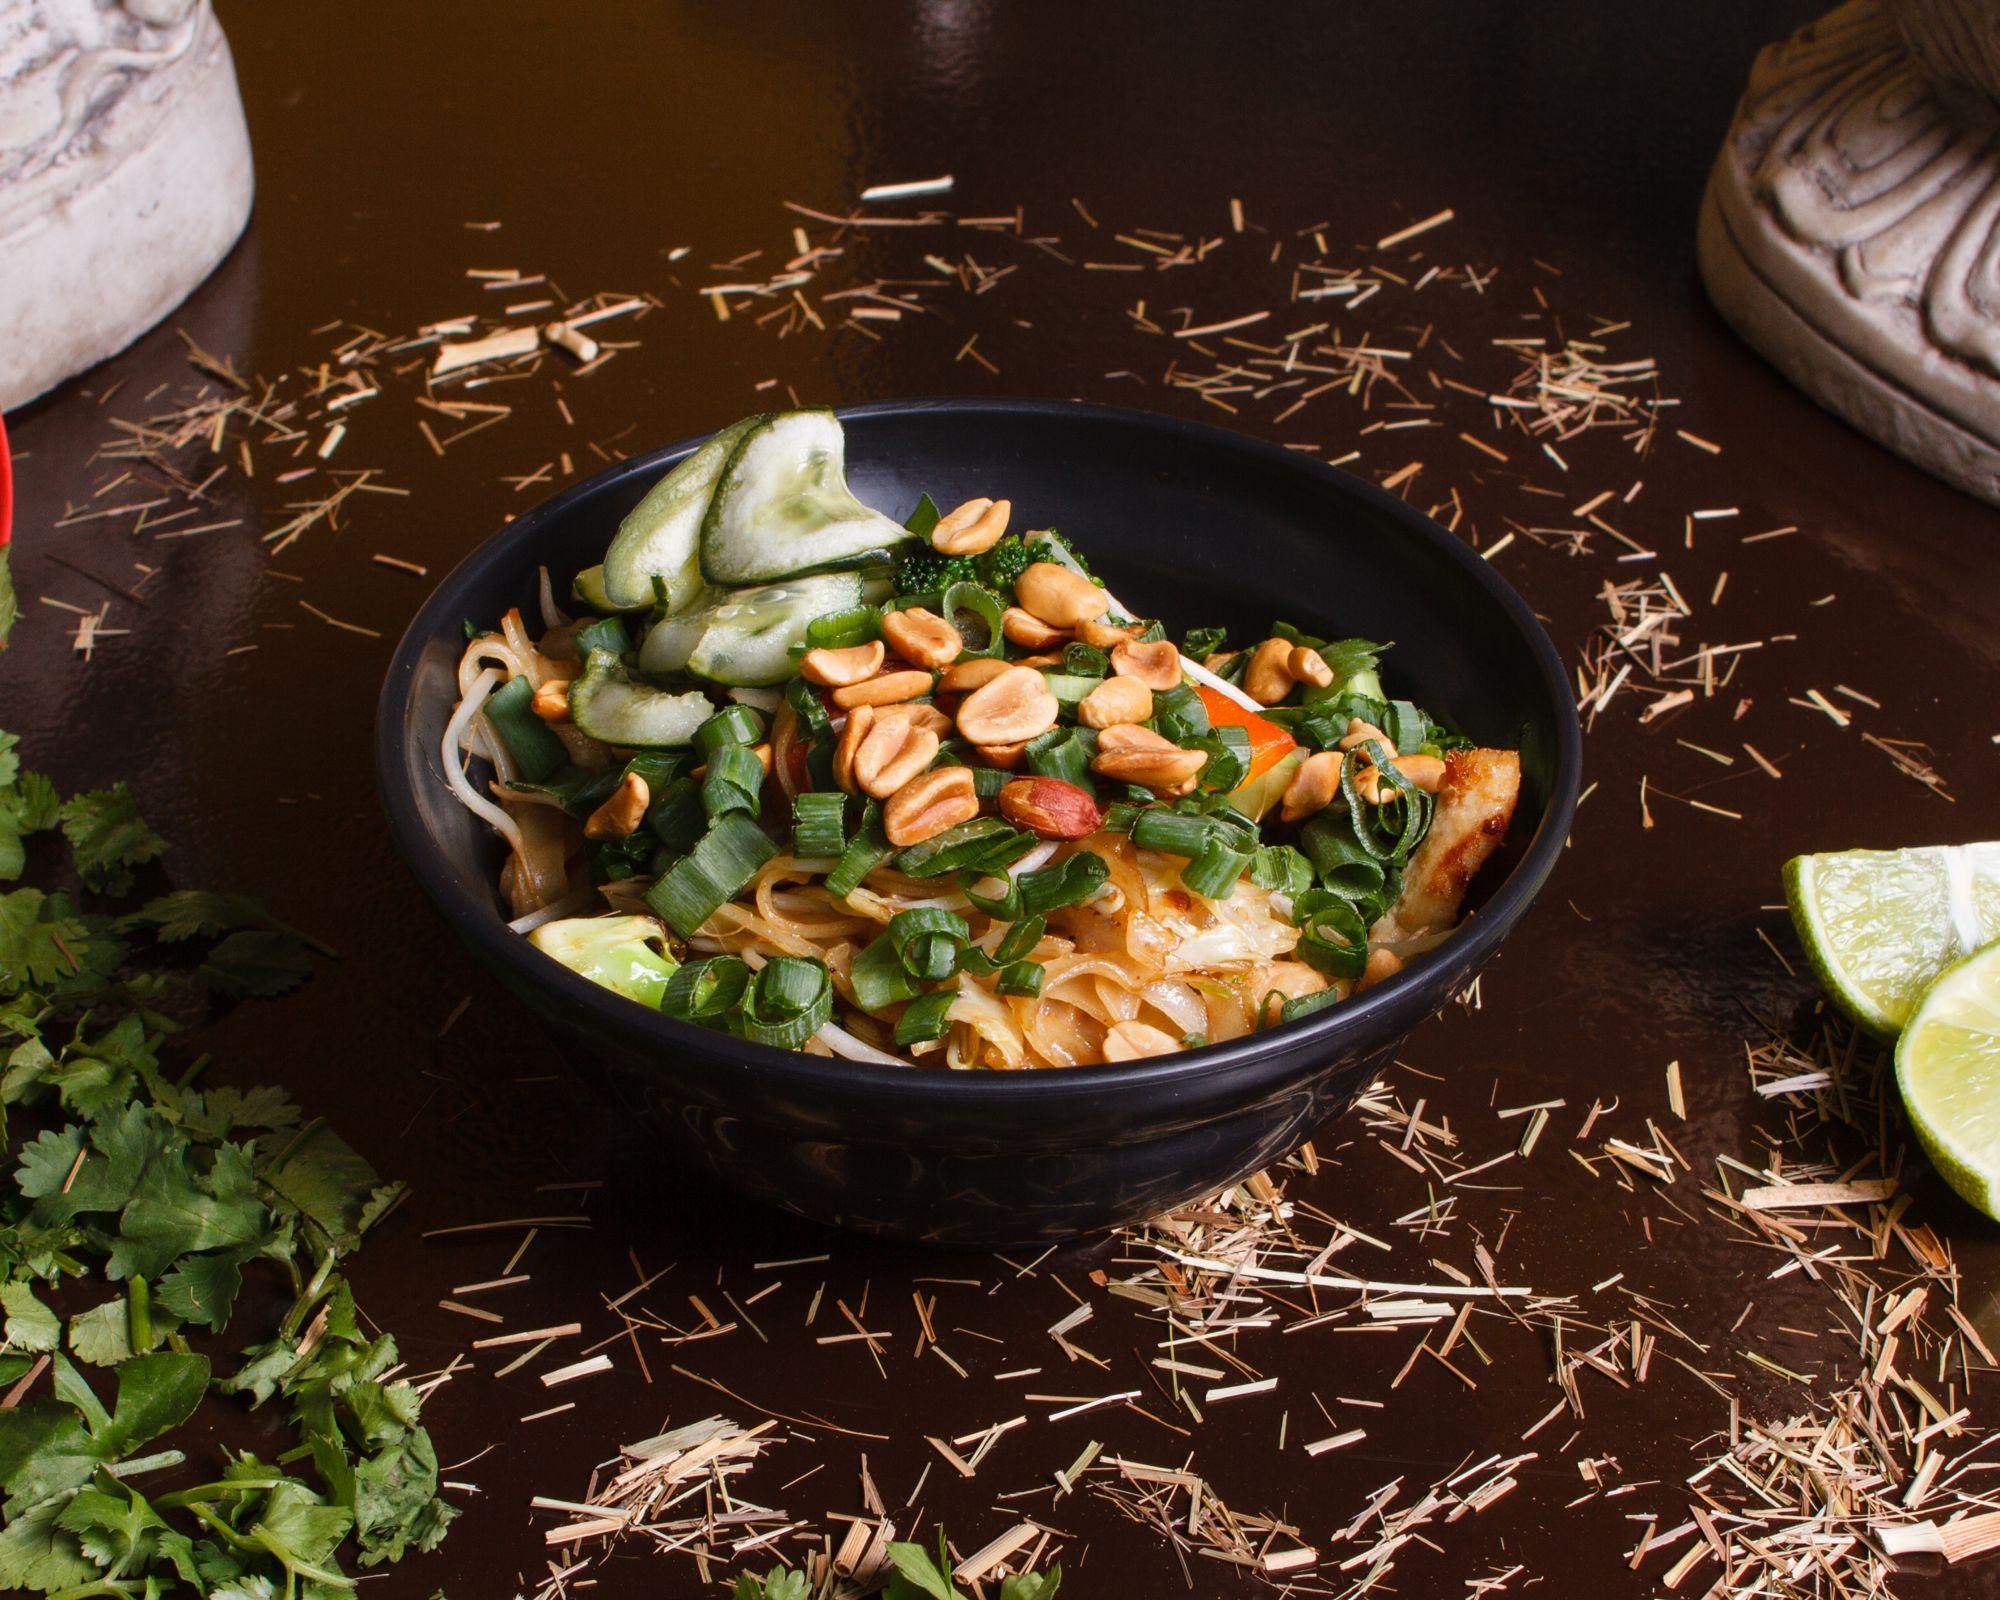 Tiki Liki volta com preço de R$ 25 para pratos principais sem diminuir porção